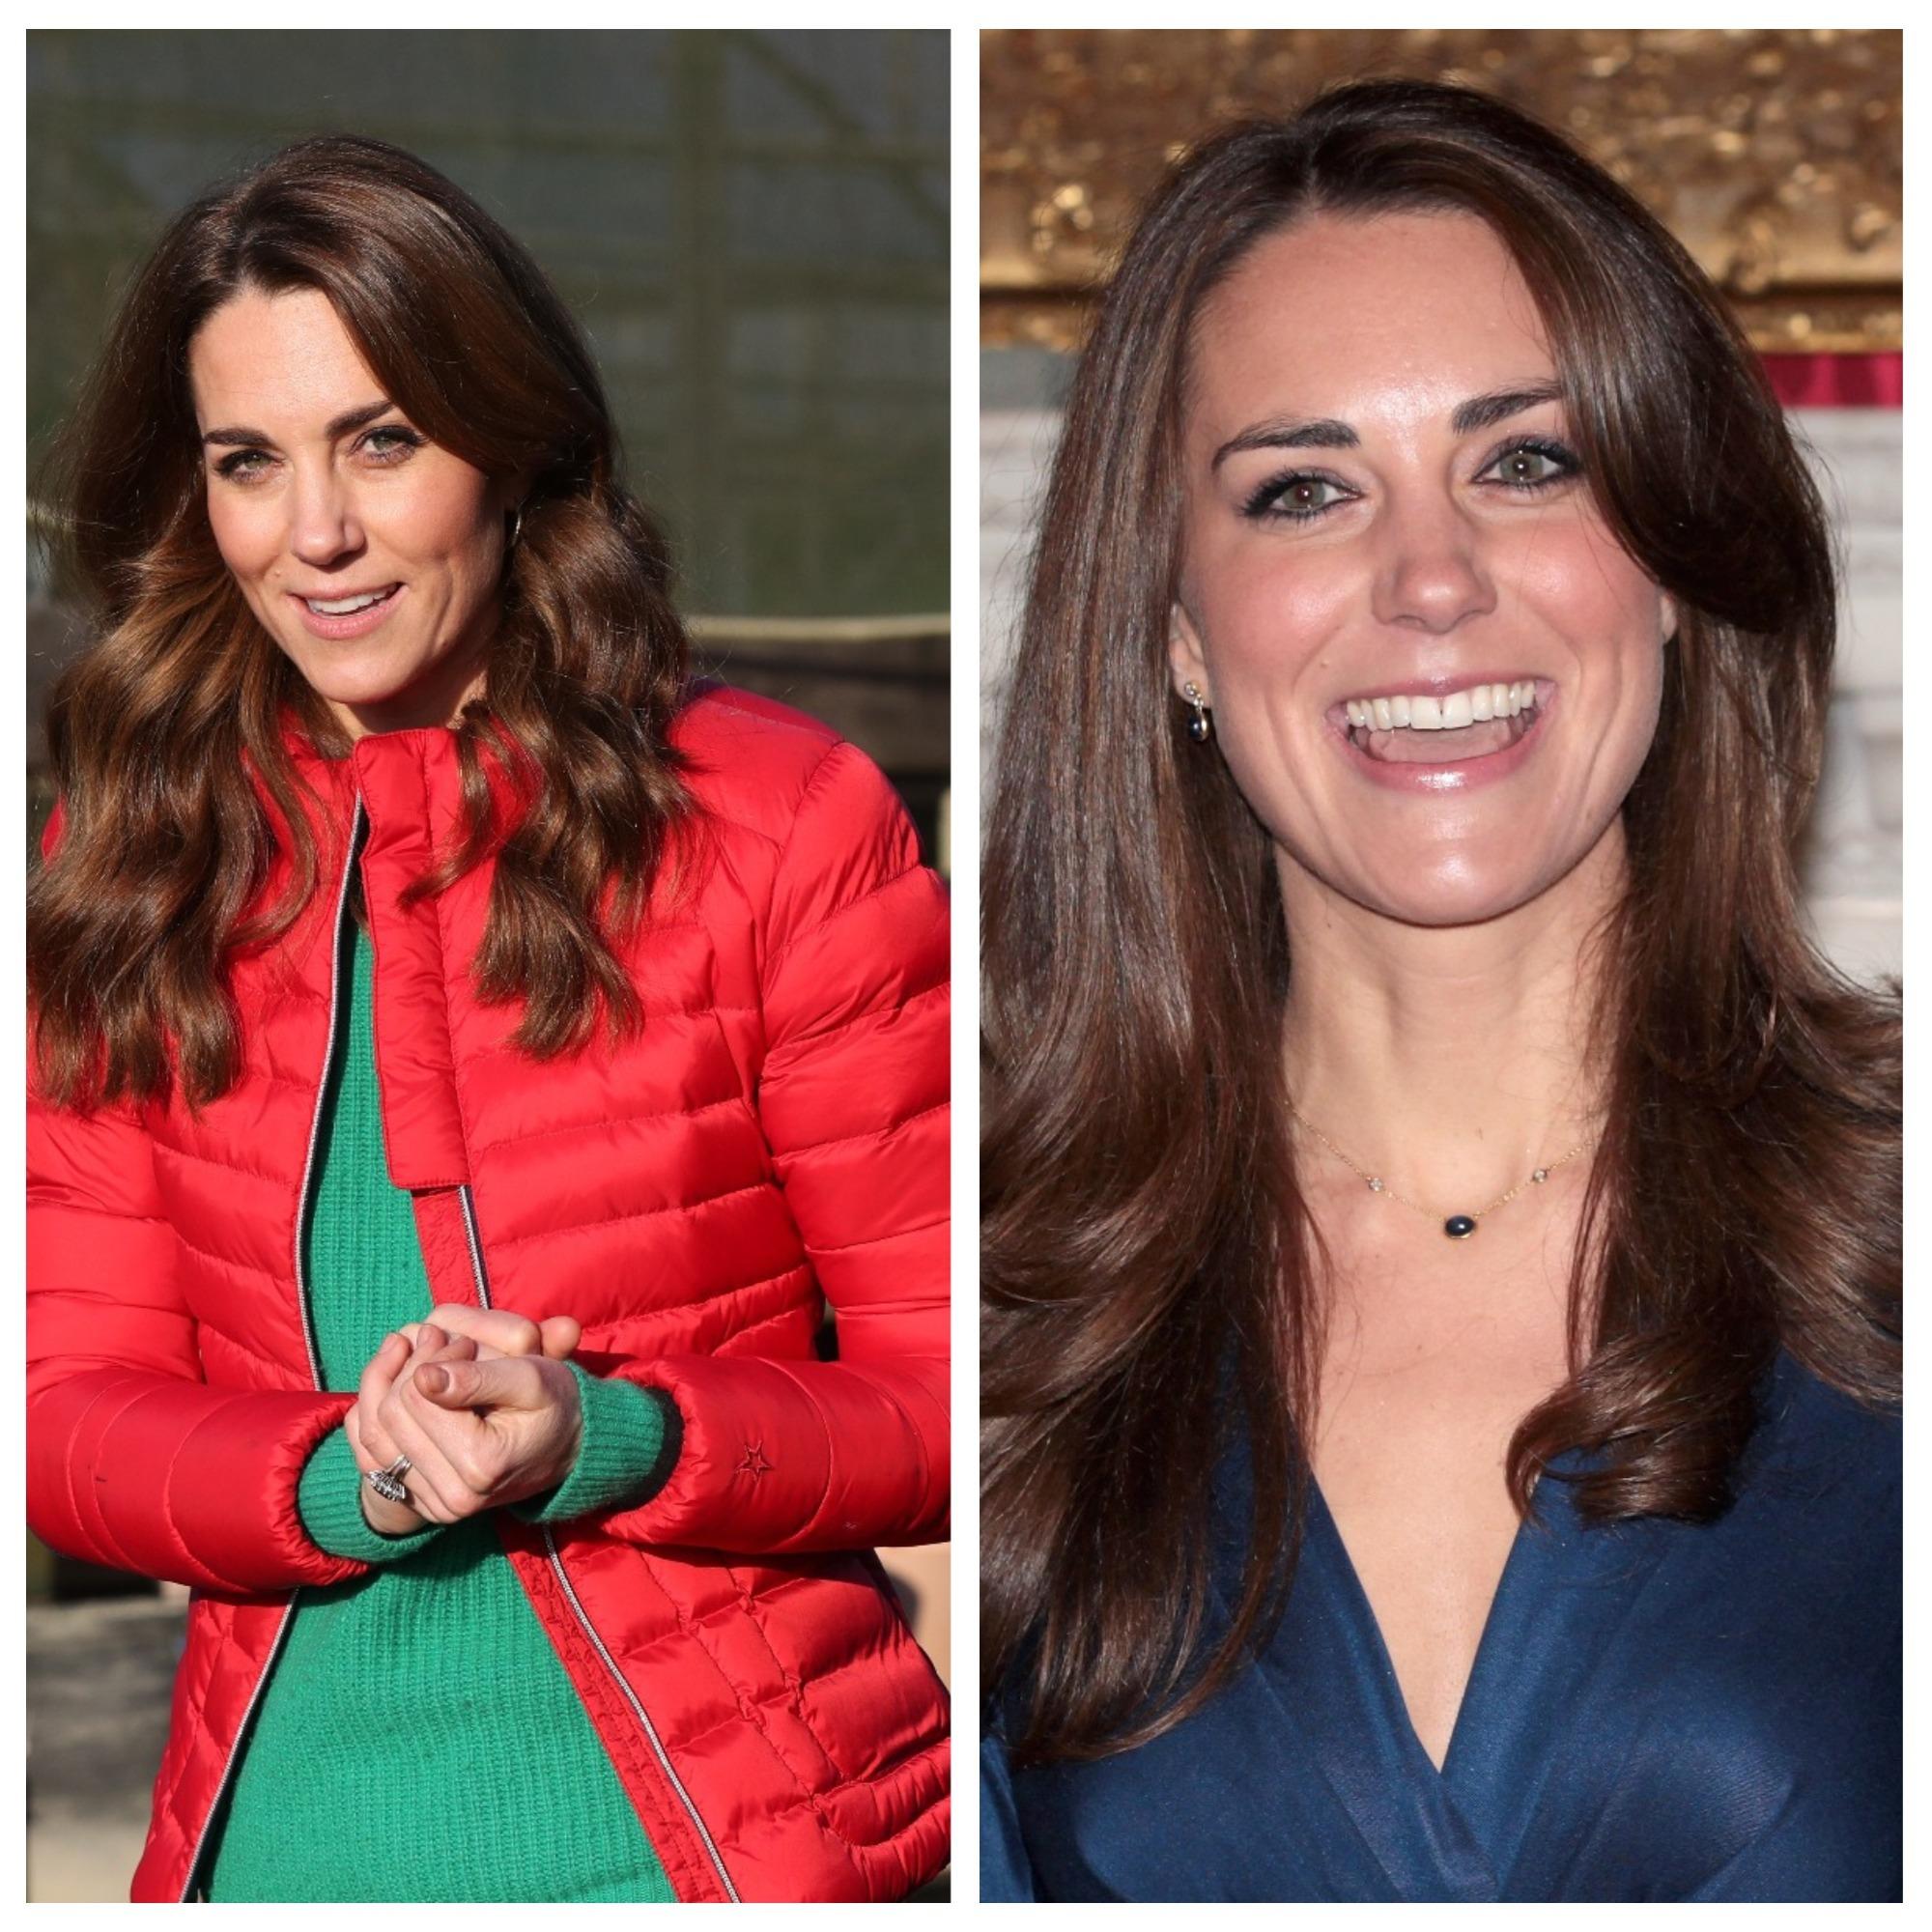 <p><strong>Кейт Мидълтън</strong></p>  <p>Кейт е родена през 1982 г. в графство Бъркшър, Англия. Дъщеря е на собственици на голяма фирма за кетъринг.</p>  <p>Запознава се с принц Уилям в университета и години наред в медиите се твърди, че имат връзка.</p>  <p>През 2011 година се омъжва за Уилям и става херцогиня на Кеймбридж.</p>